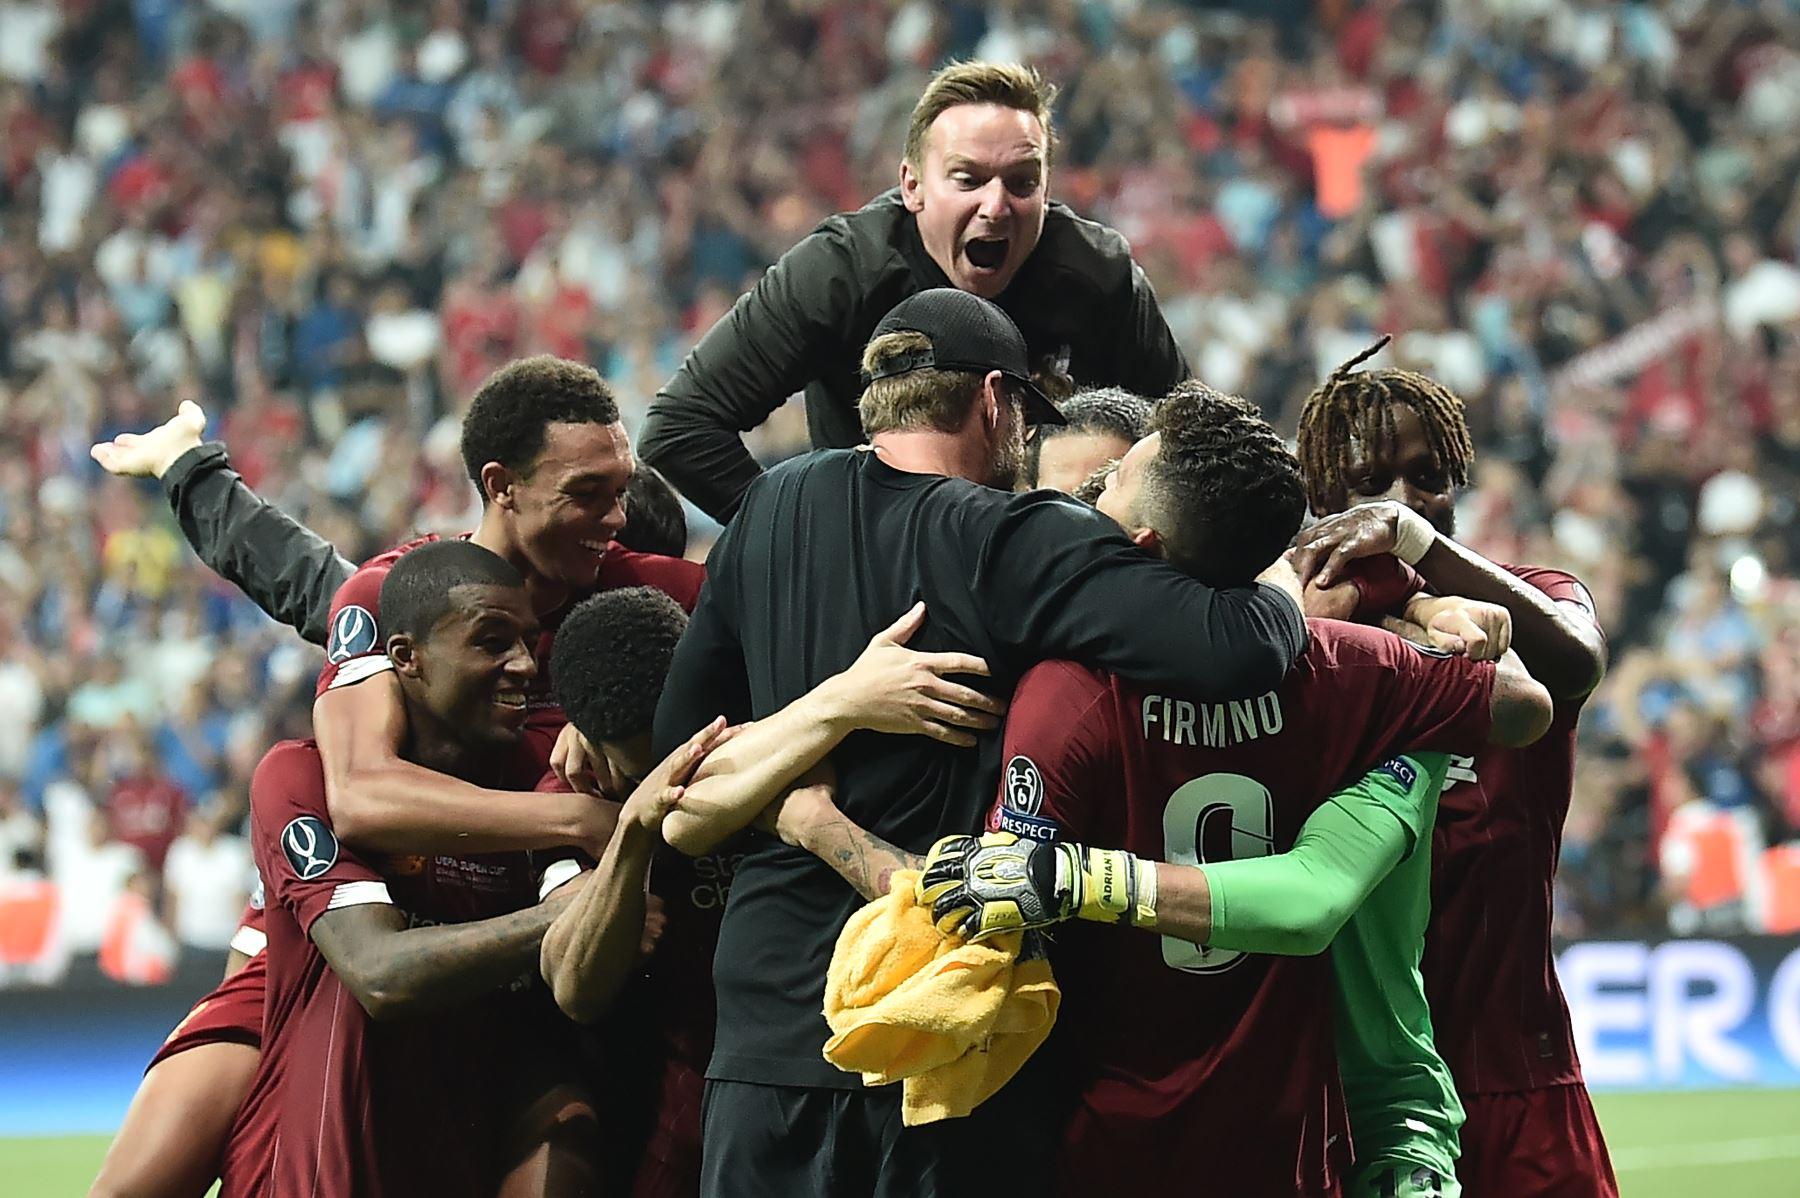 Liverpool celebra ganar el partido de fútbol de la Supercopa de la UEFA 2019 entre el FC Liverpool y el Chelsea en el Besiktas Park Stadium de Estambul.Foto:AFP